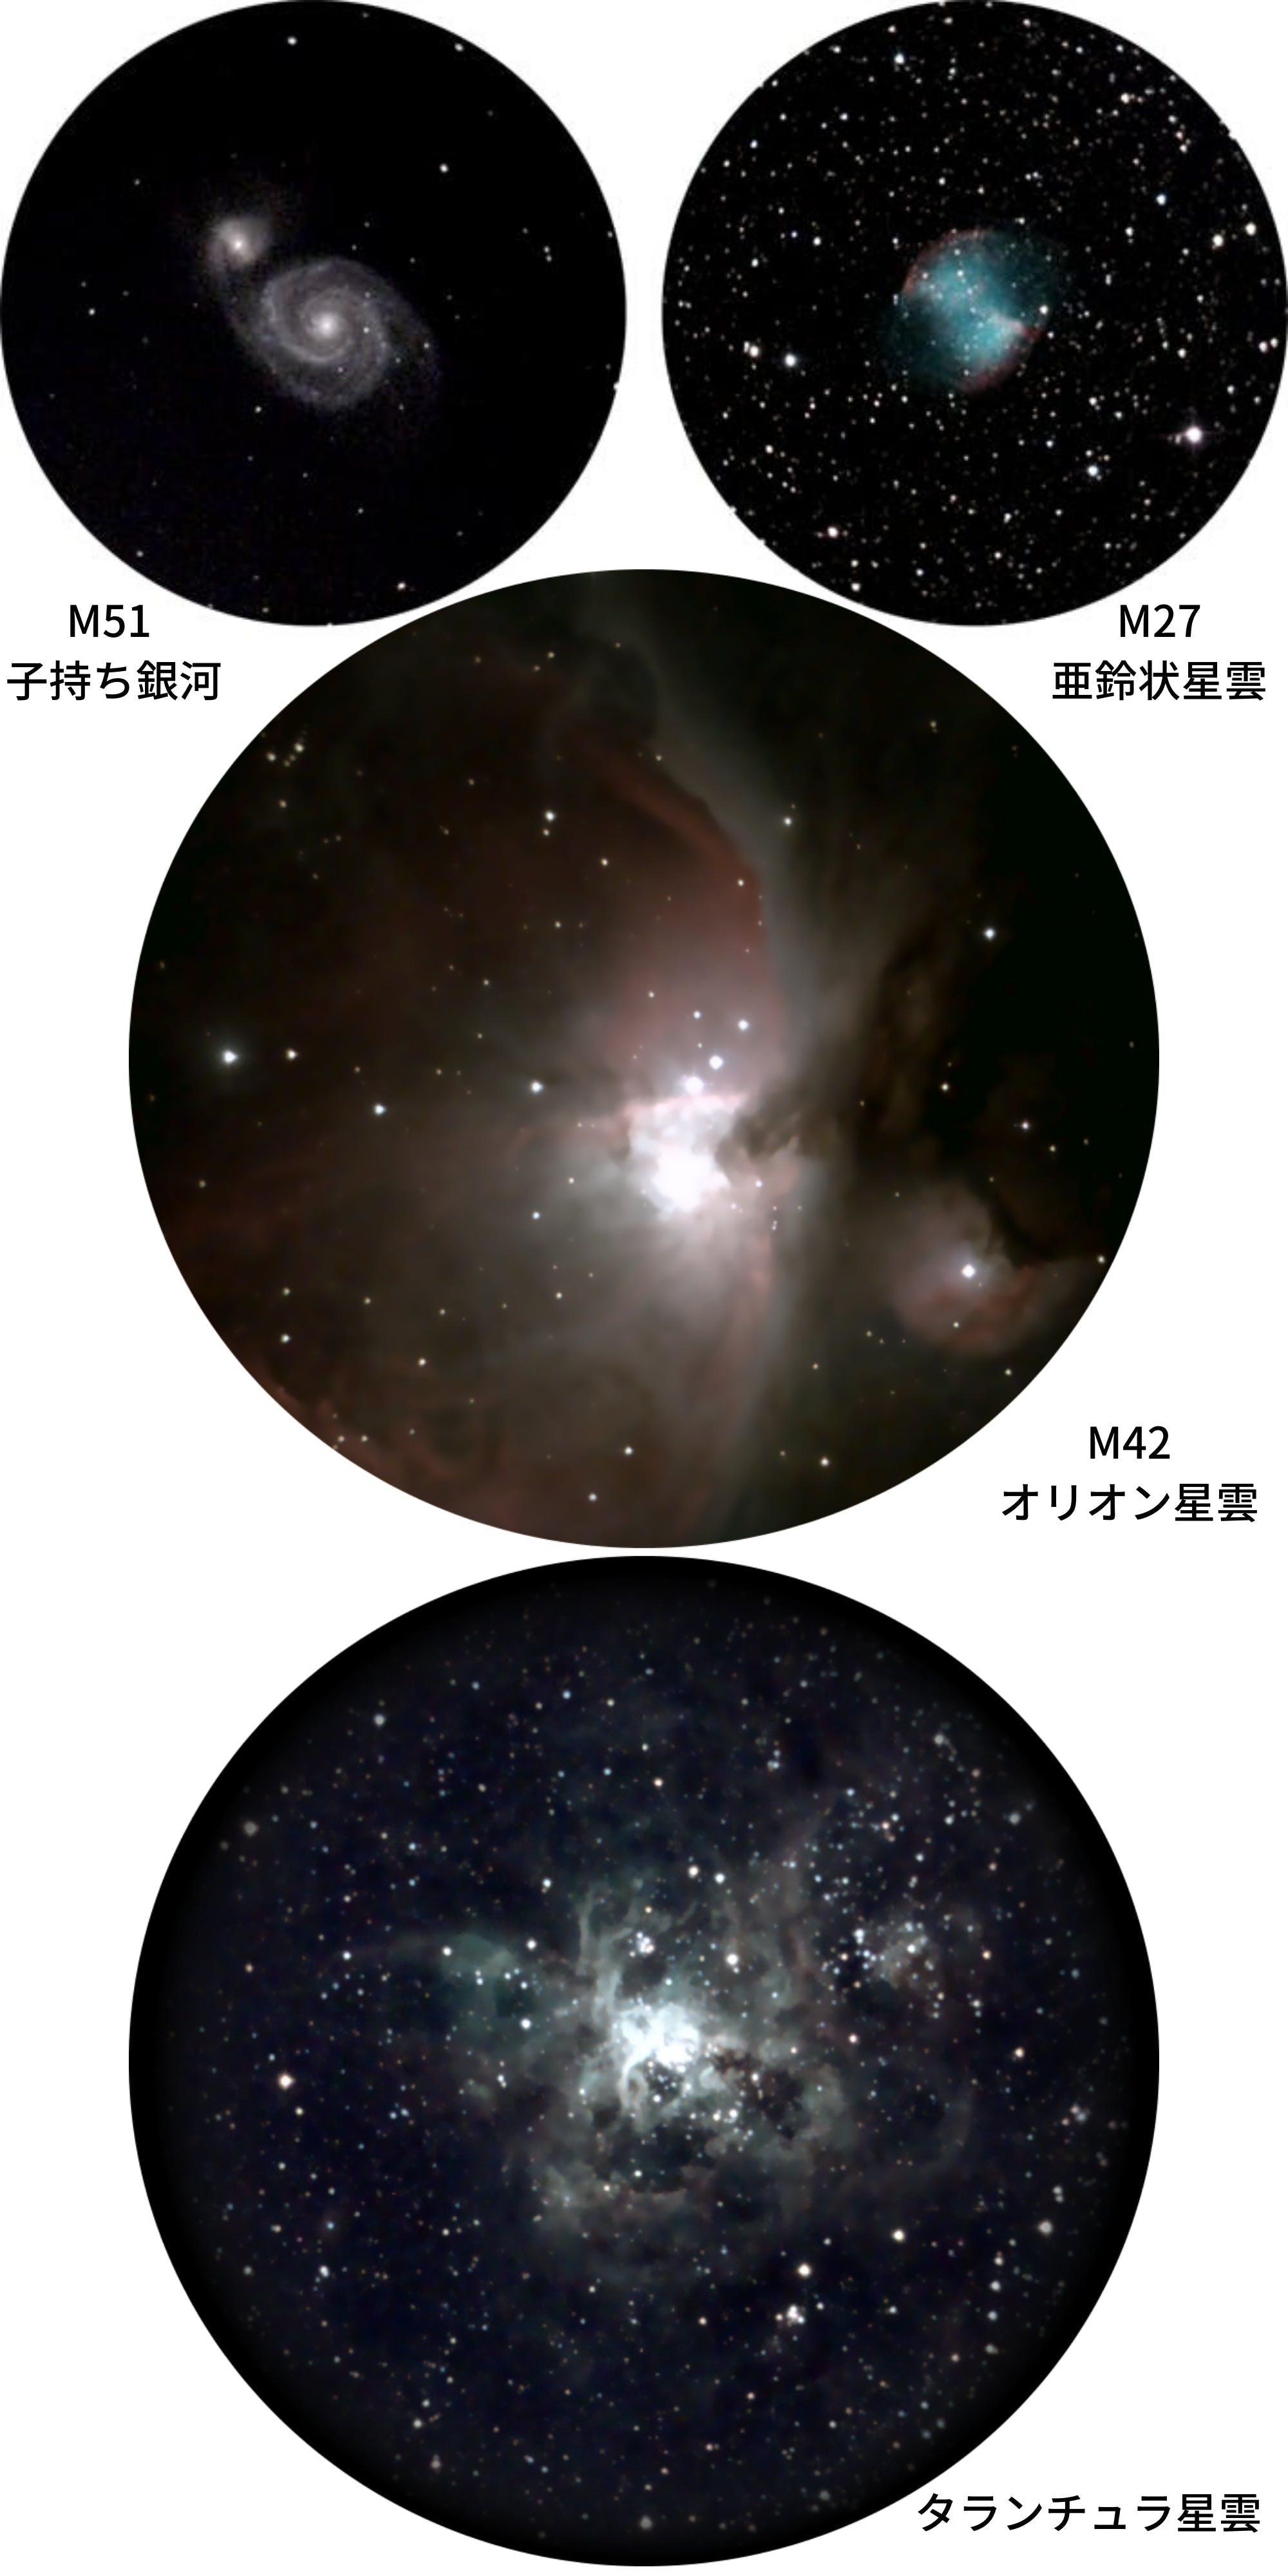 従来の望遠鏡より100倍パワフル: eVscope が日本登場!【第2弾】